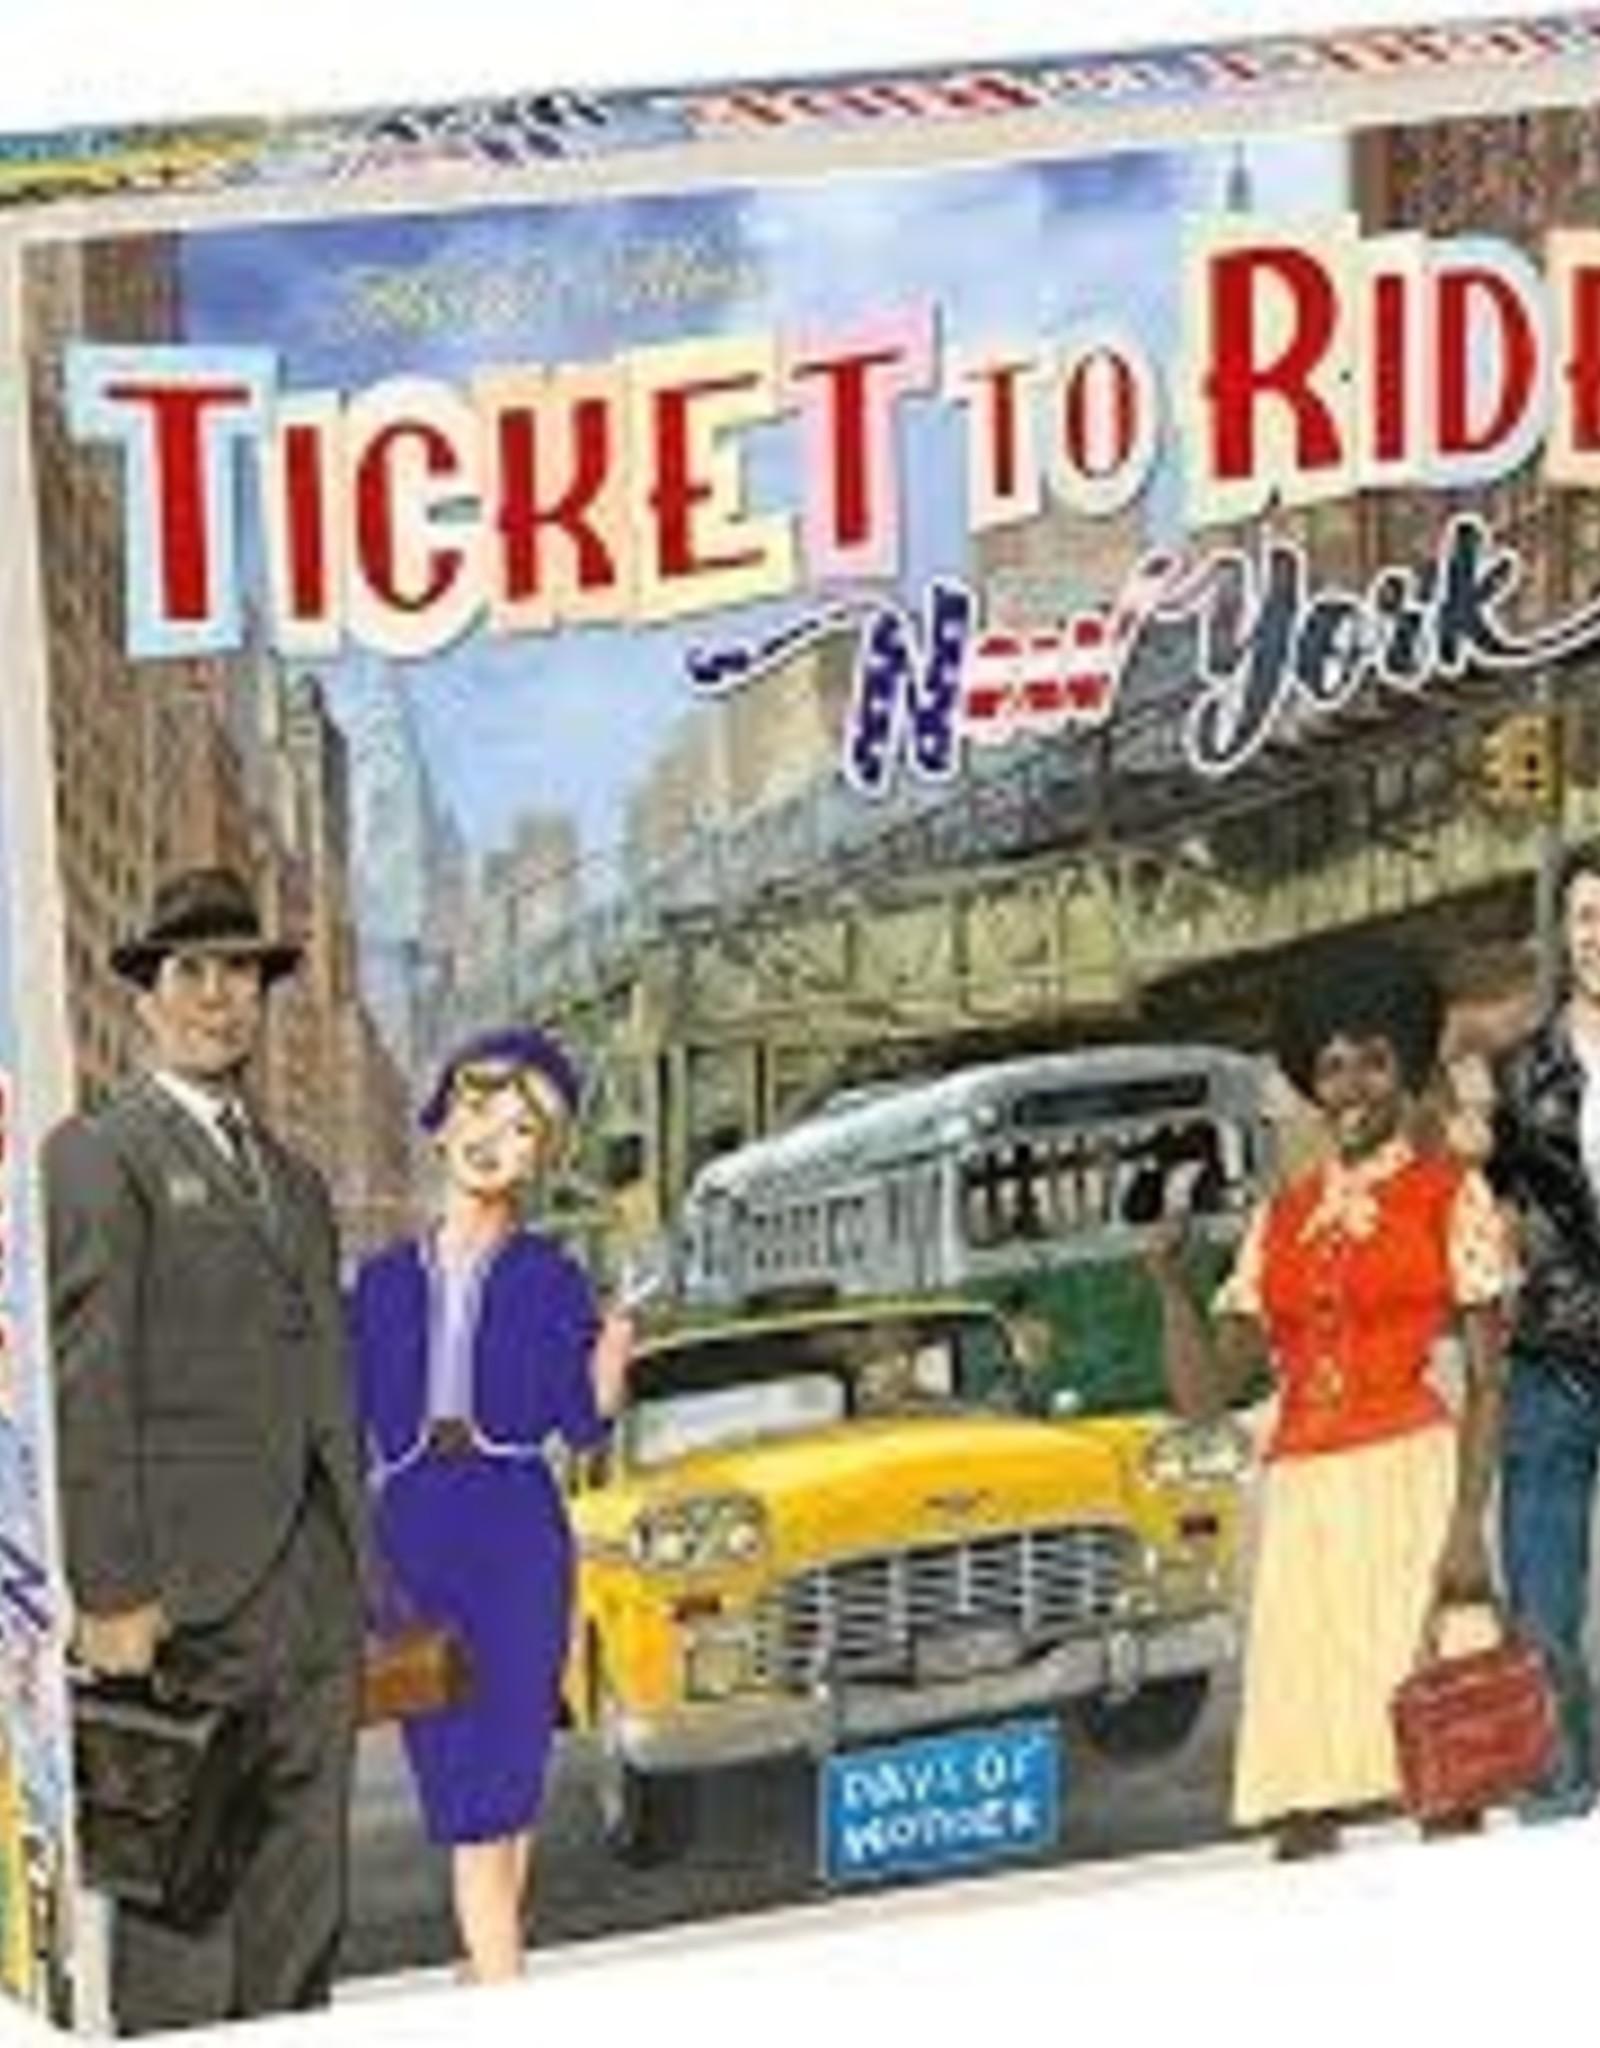 Days of Wonder Ticket to Ride - New York 1960